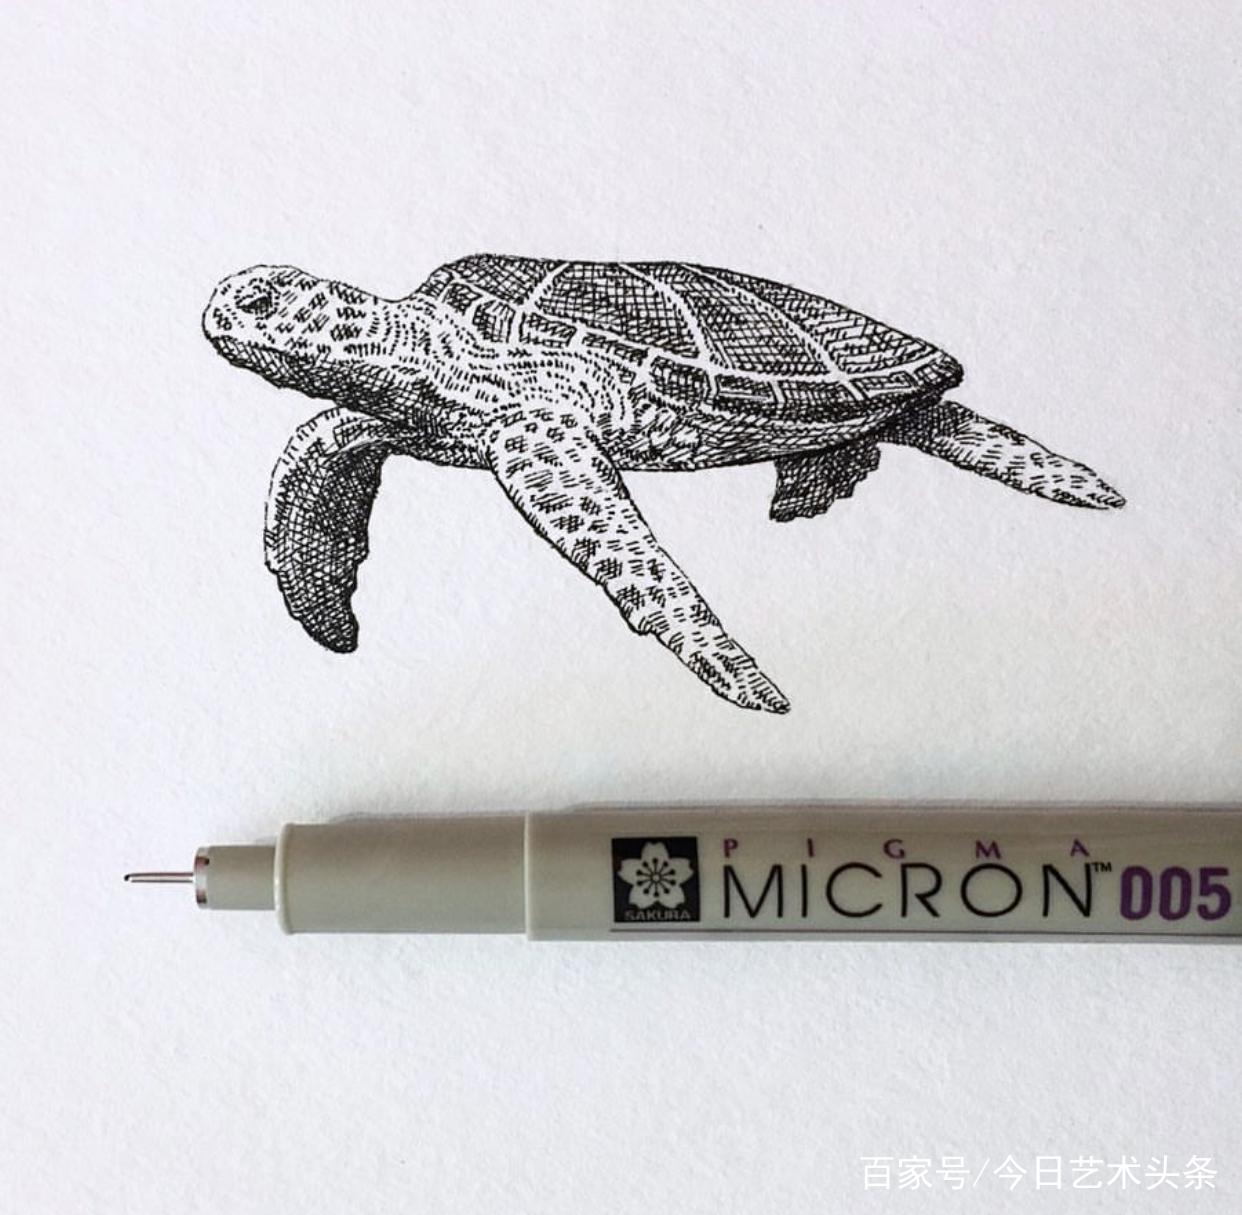 艺术家bryanschiavone针管笔动物绘画